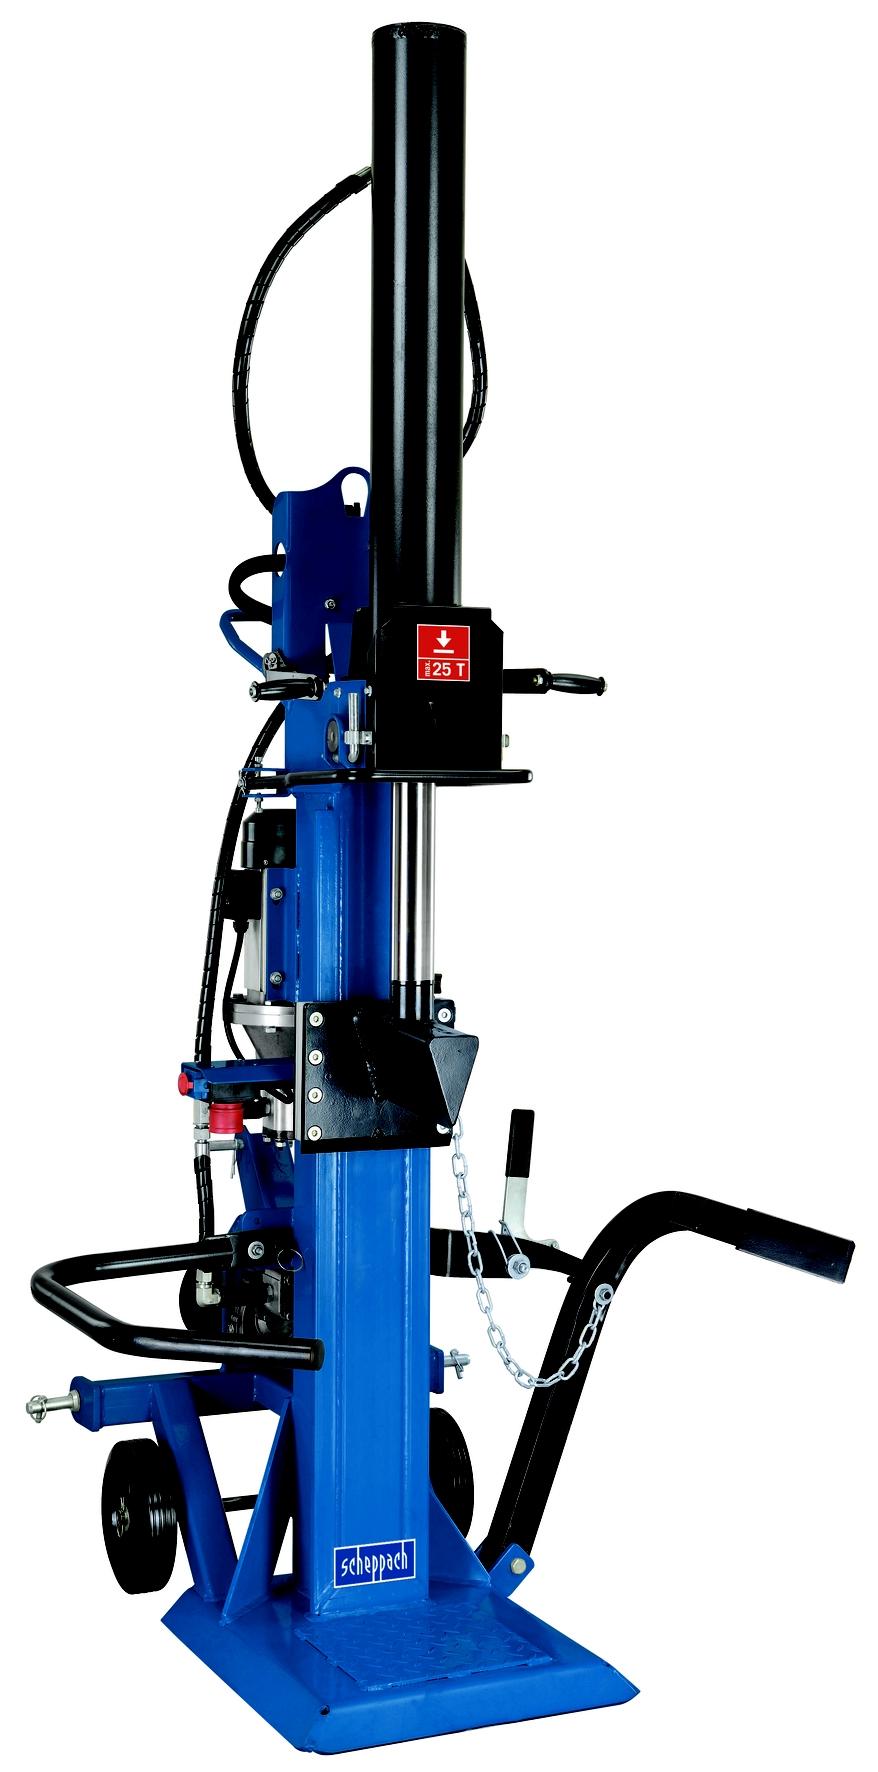 Profesionální hybridní štípač na dřevo 25 t Scheppach HL 2500 GM